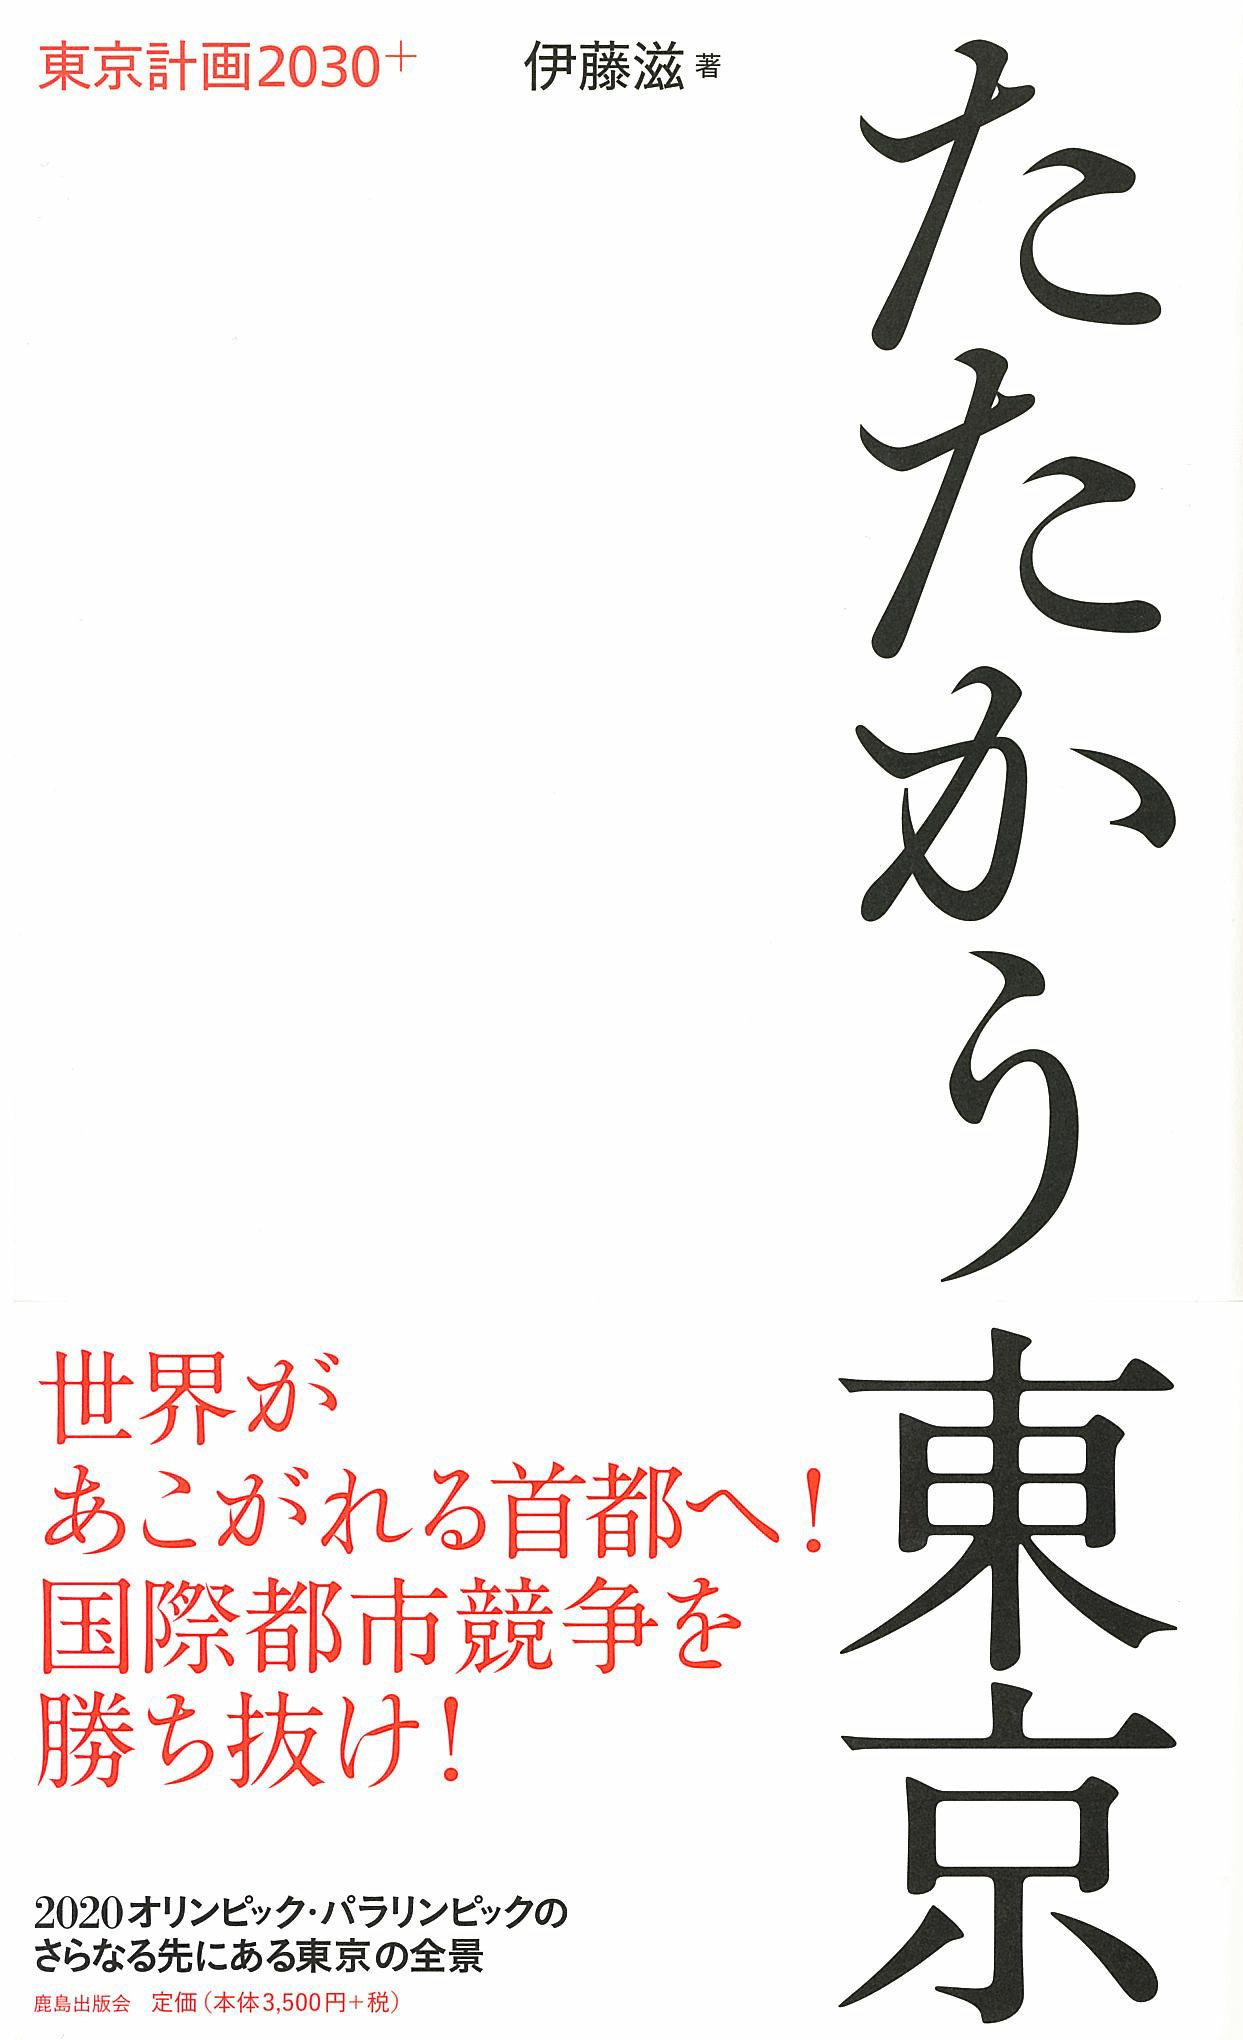 たたかう東京 ─ 東京計画2030+─